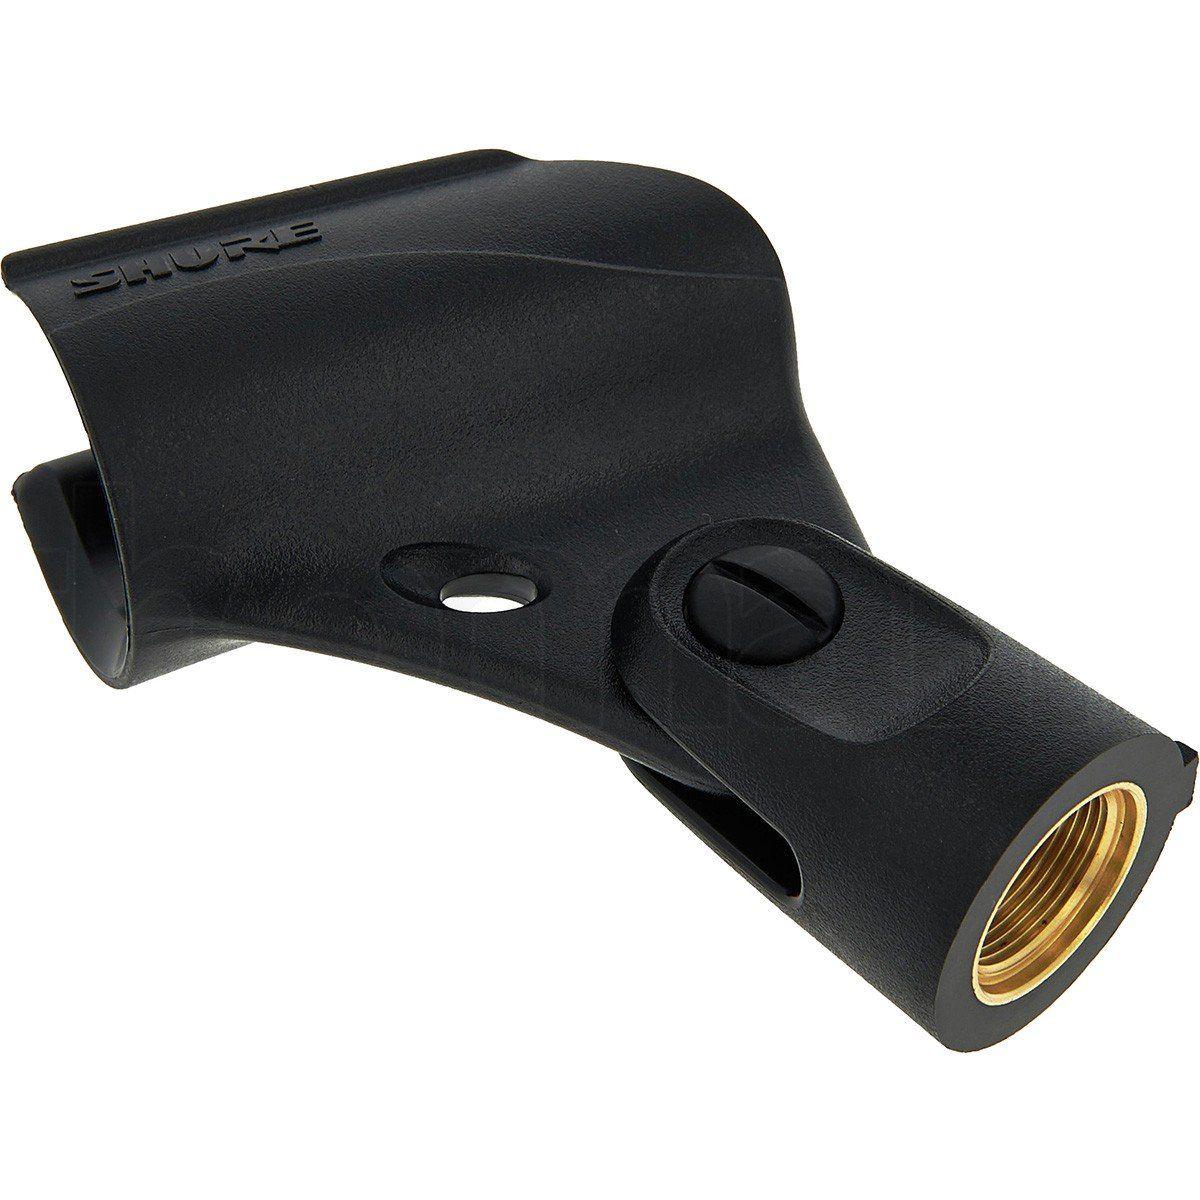 Shure SM57 LC Microfone Dinâmico Shure SM57-LC para Reforço de Som e Instrumentos